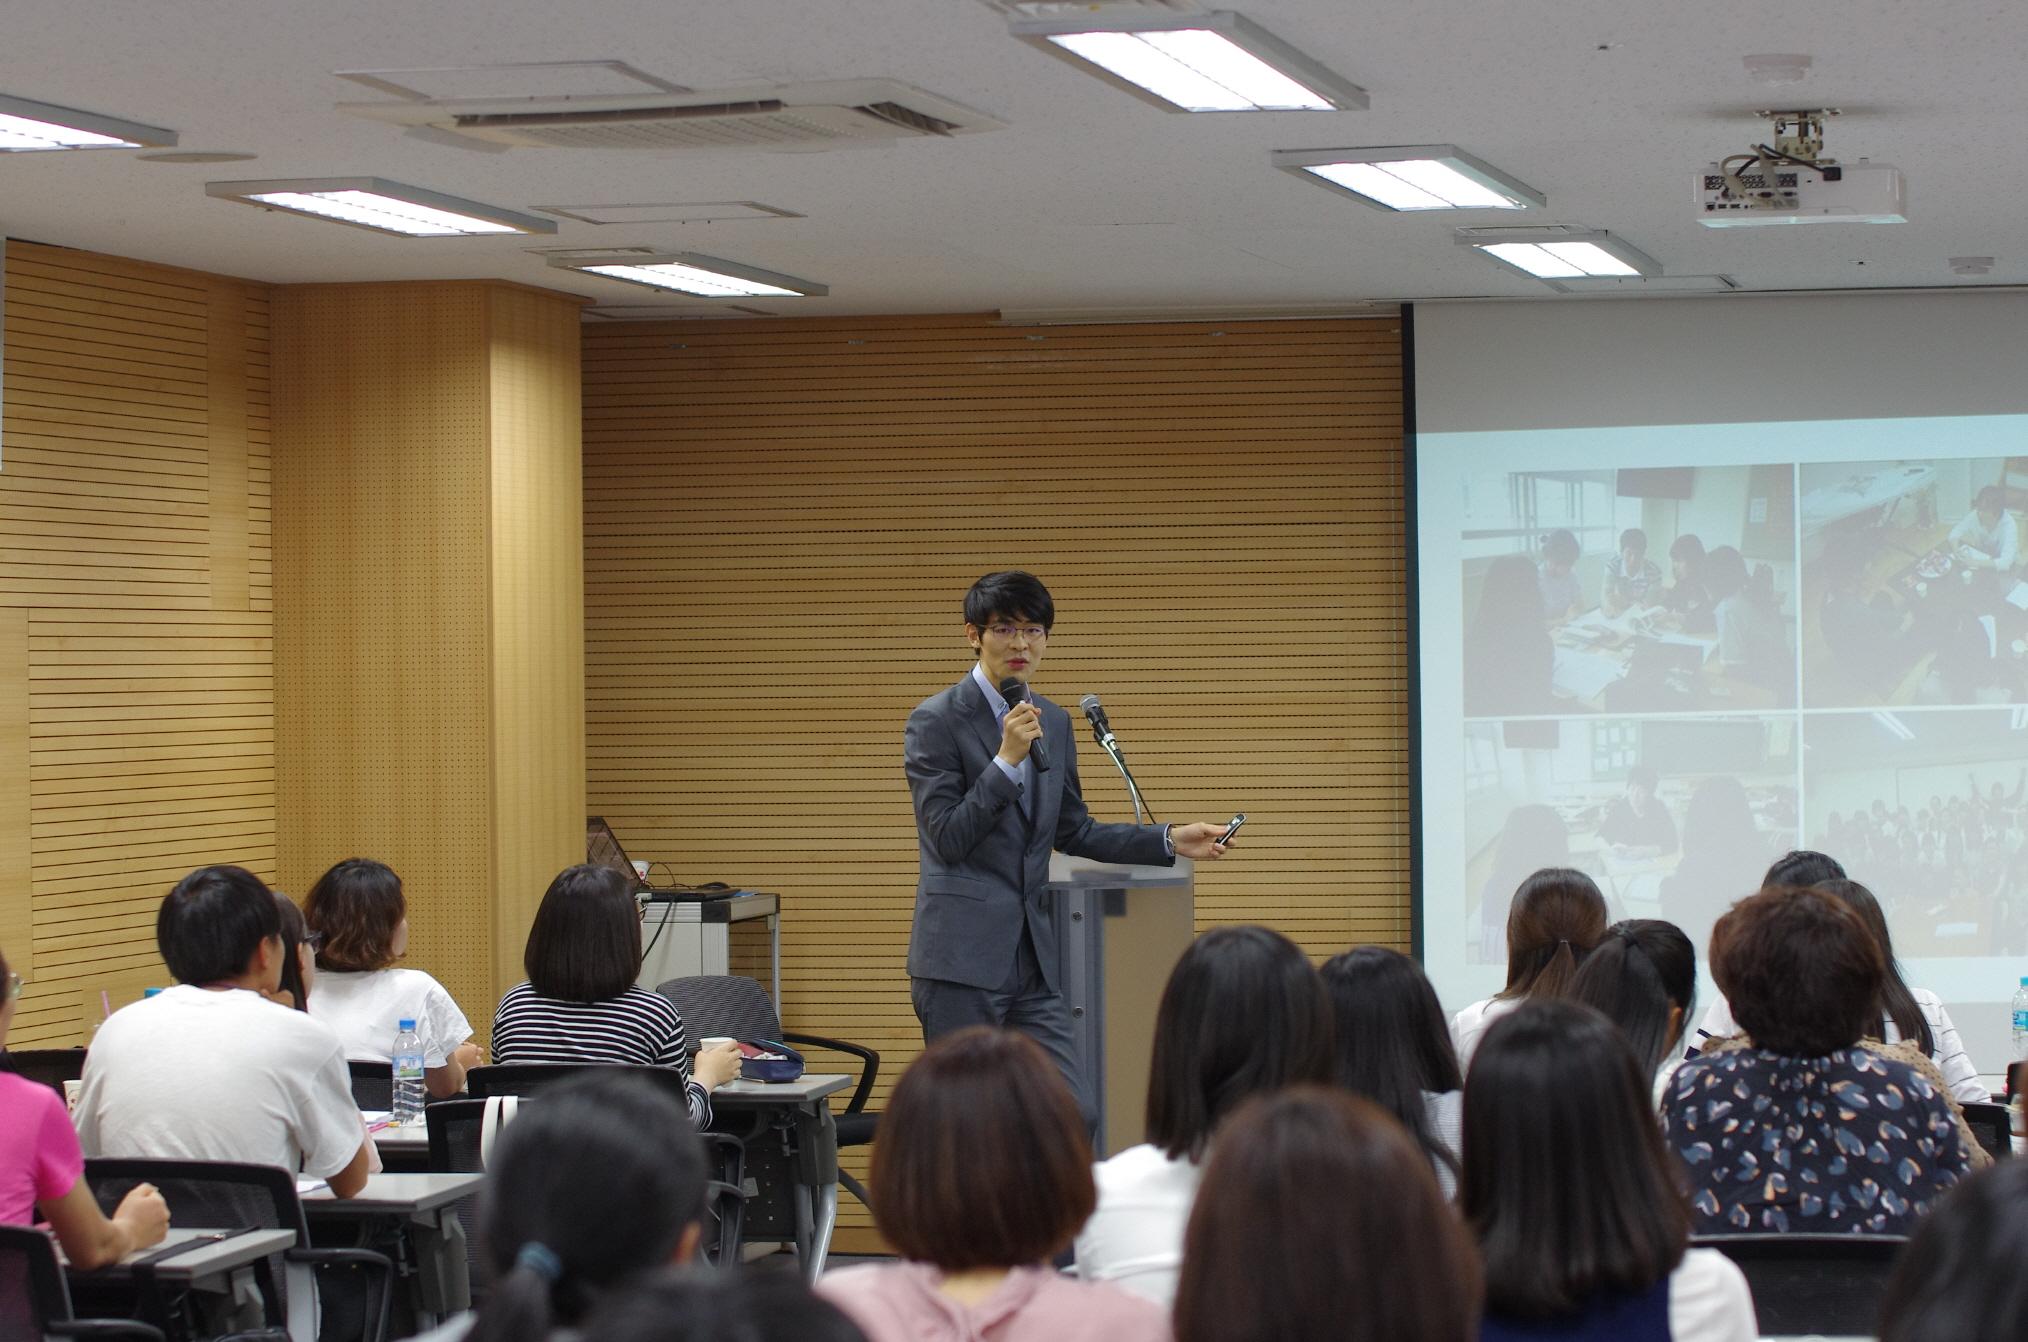 '공부의 신' 강성태, 한국청소년연맹 희망사과나무 장학생 대상 학습 코칭